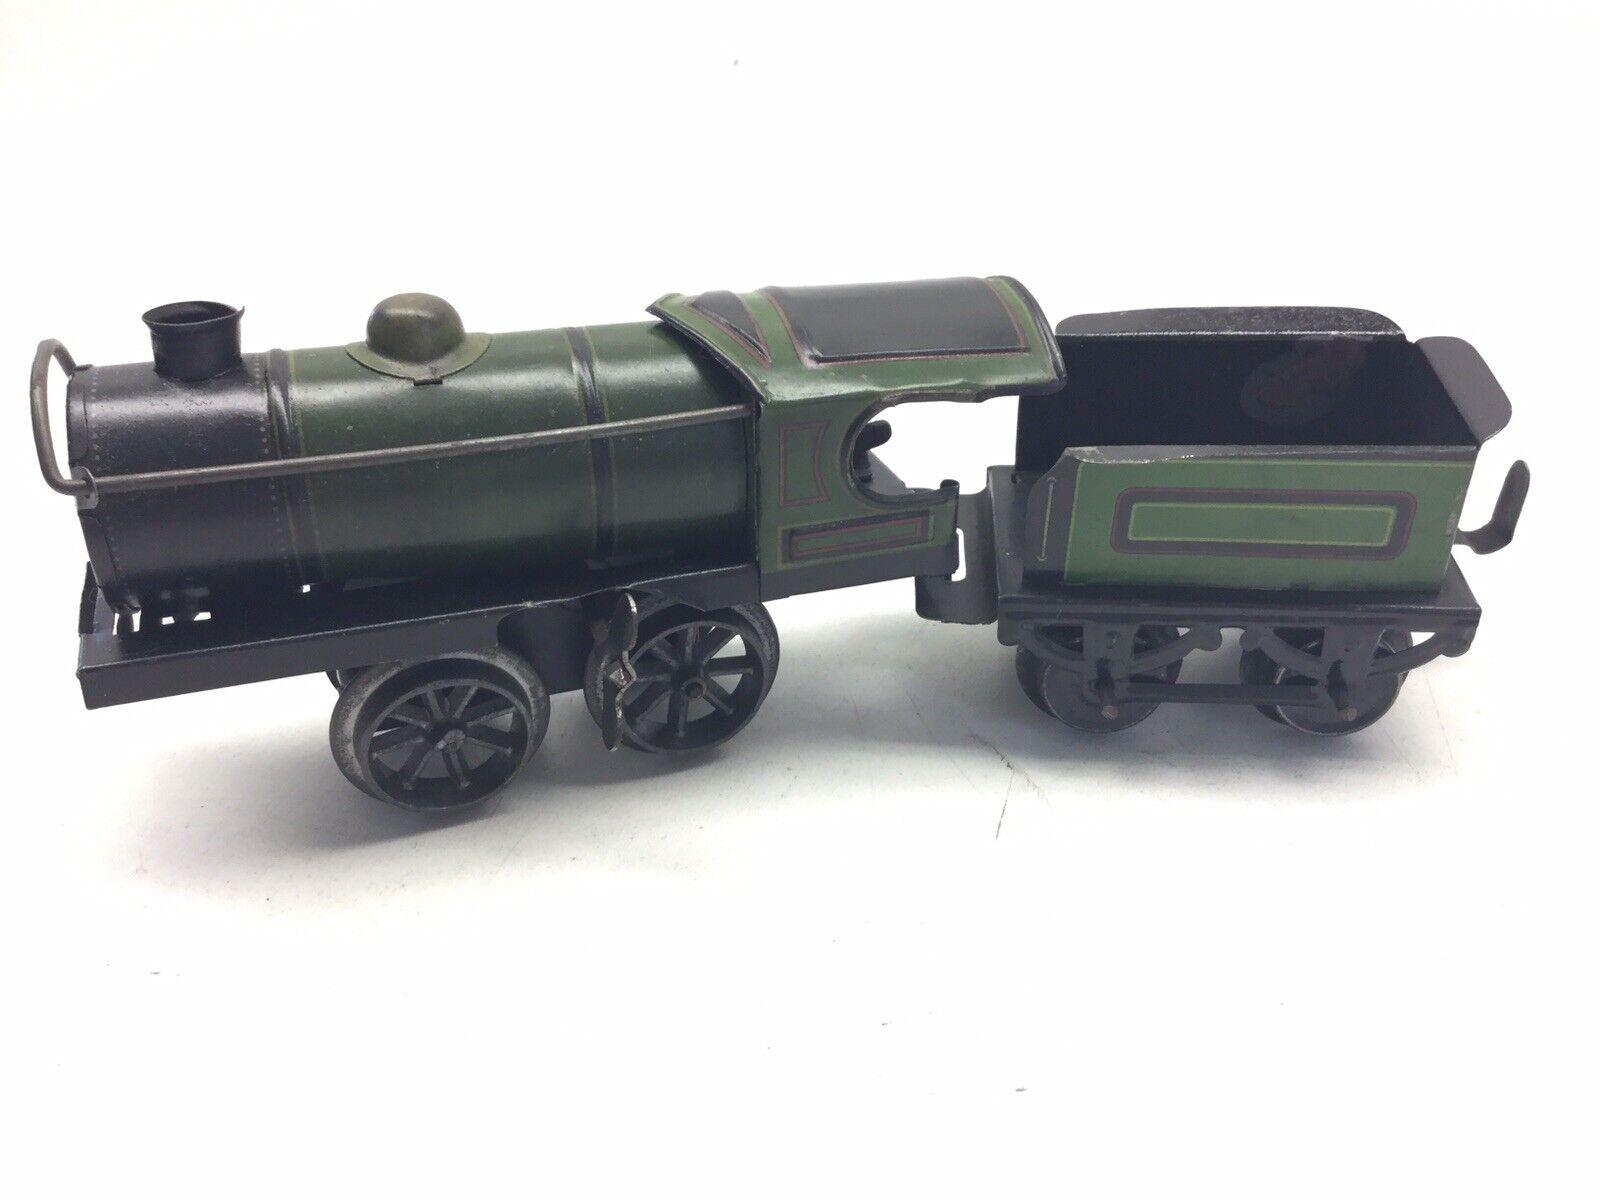 Relojes viejos, locomotoras de cuero y jóvenes alemanes verdes y negros.